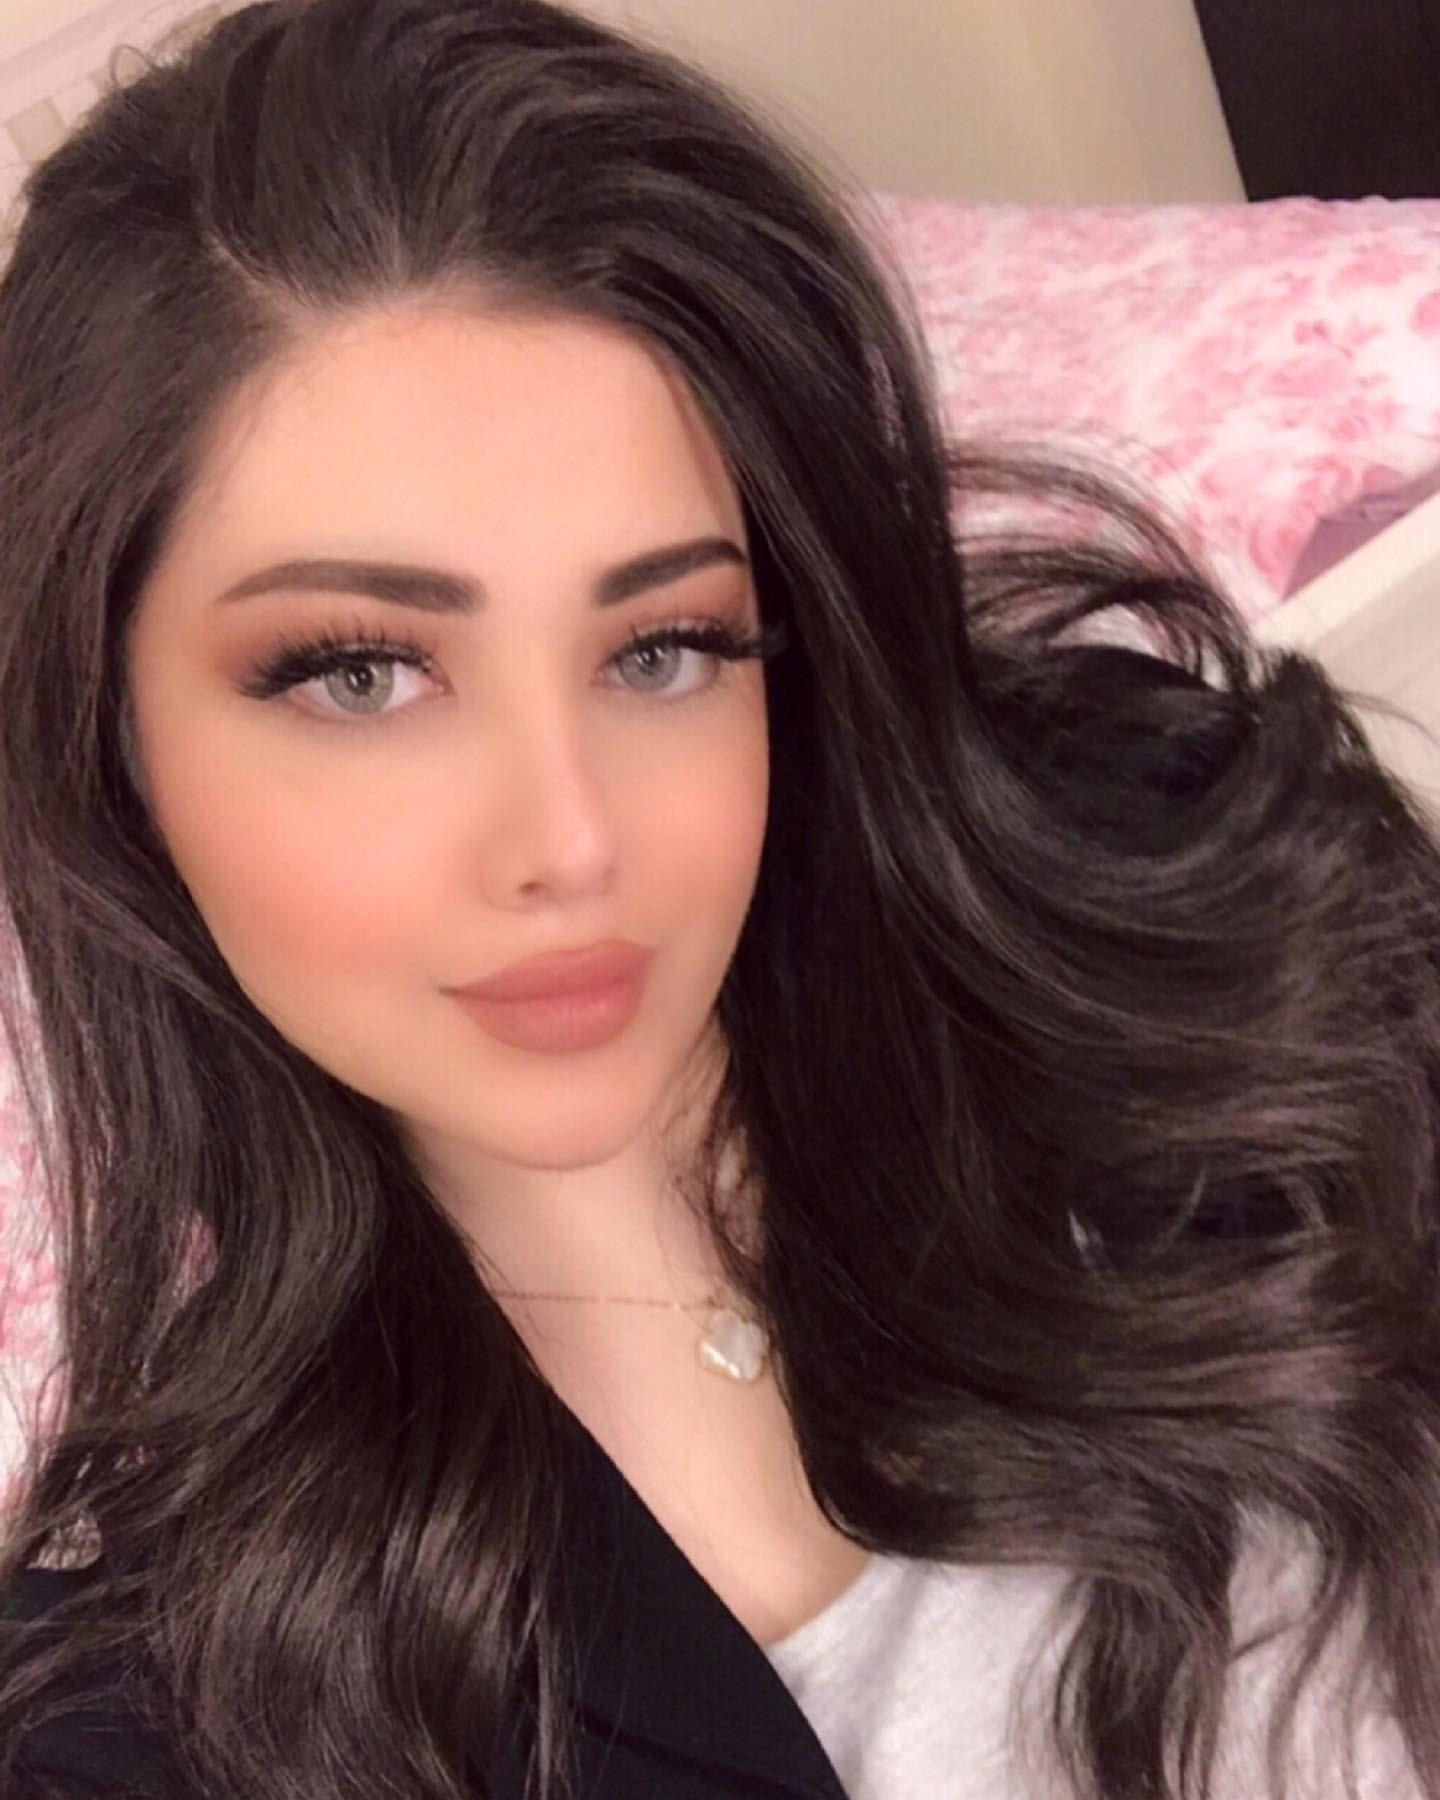 816e142396ca4e08ca5b364cd5987e46 Jpg 500 500 Front Lace Wigs Human Hair Hair Color For Black Hair Brown Eyes Black Hair